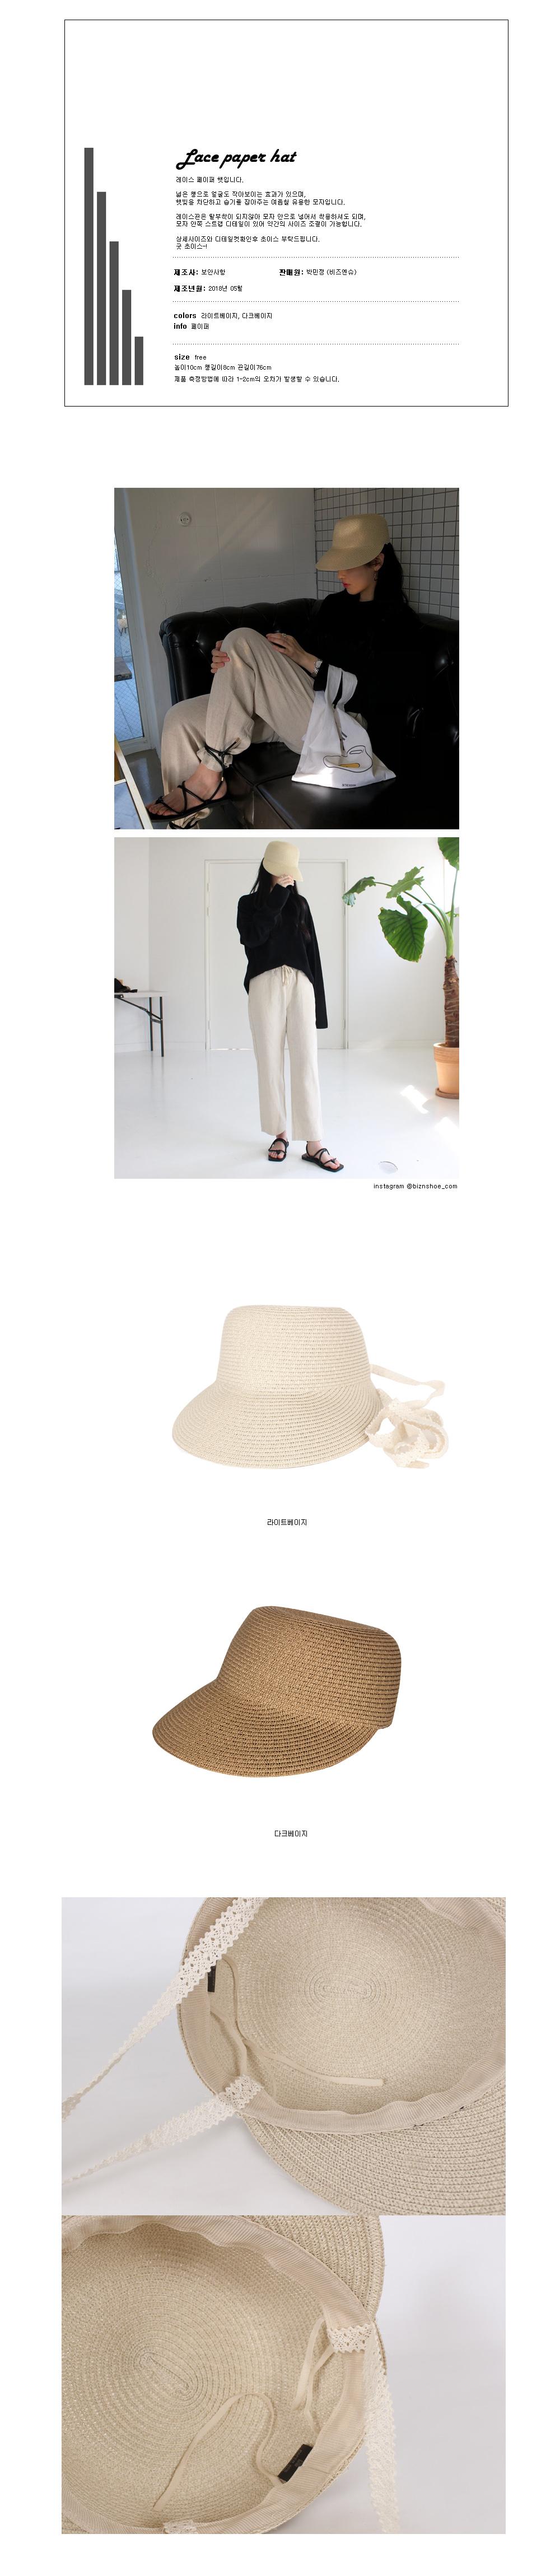 Lace paper hat (2color)